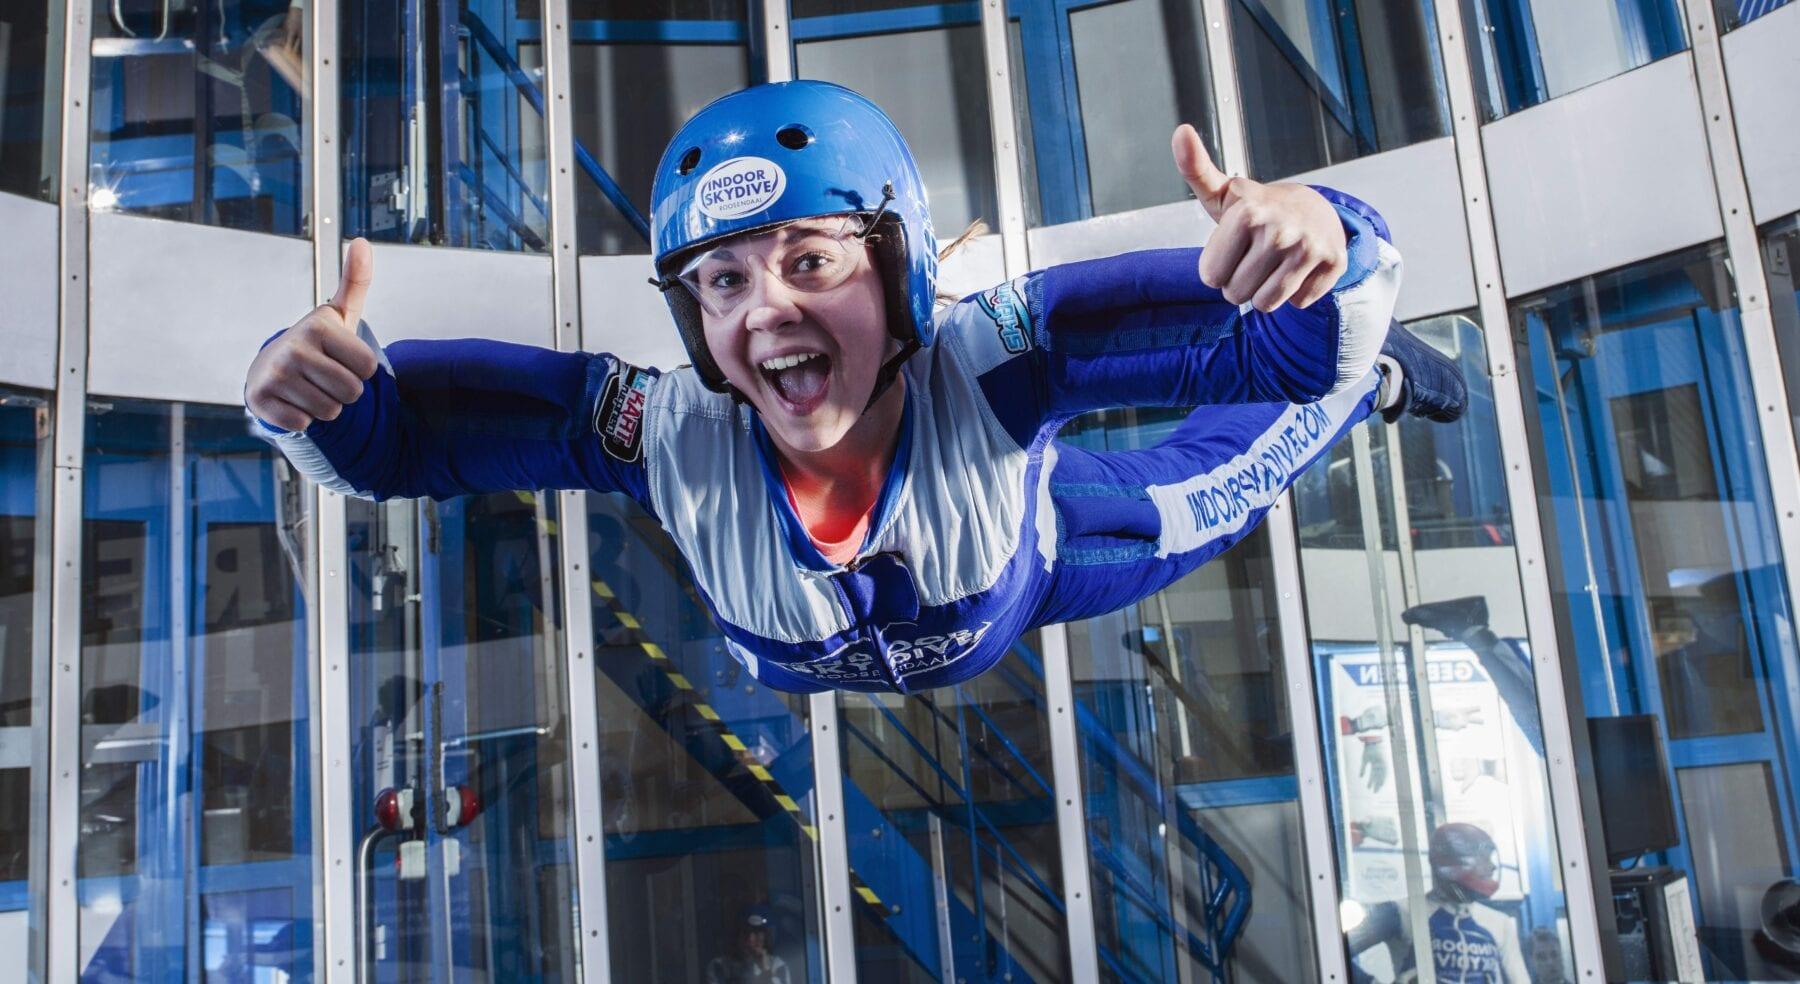 Indoor skydive prijzen bekijken? • Indoor Skydive Roosendaal